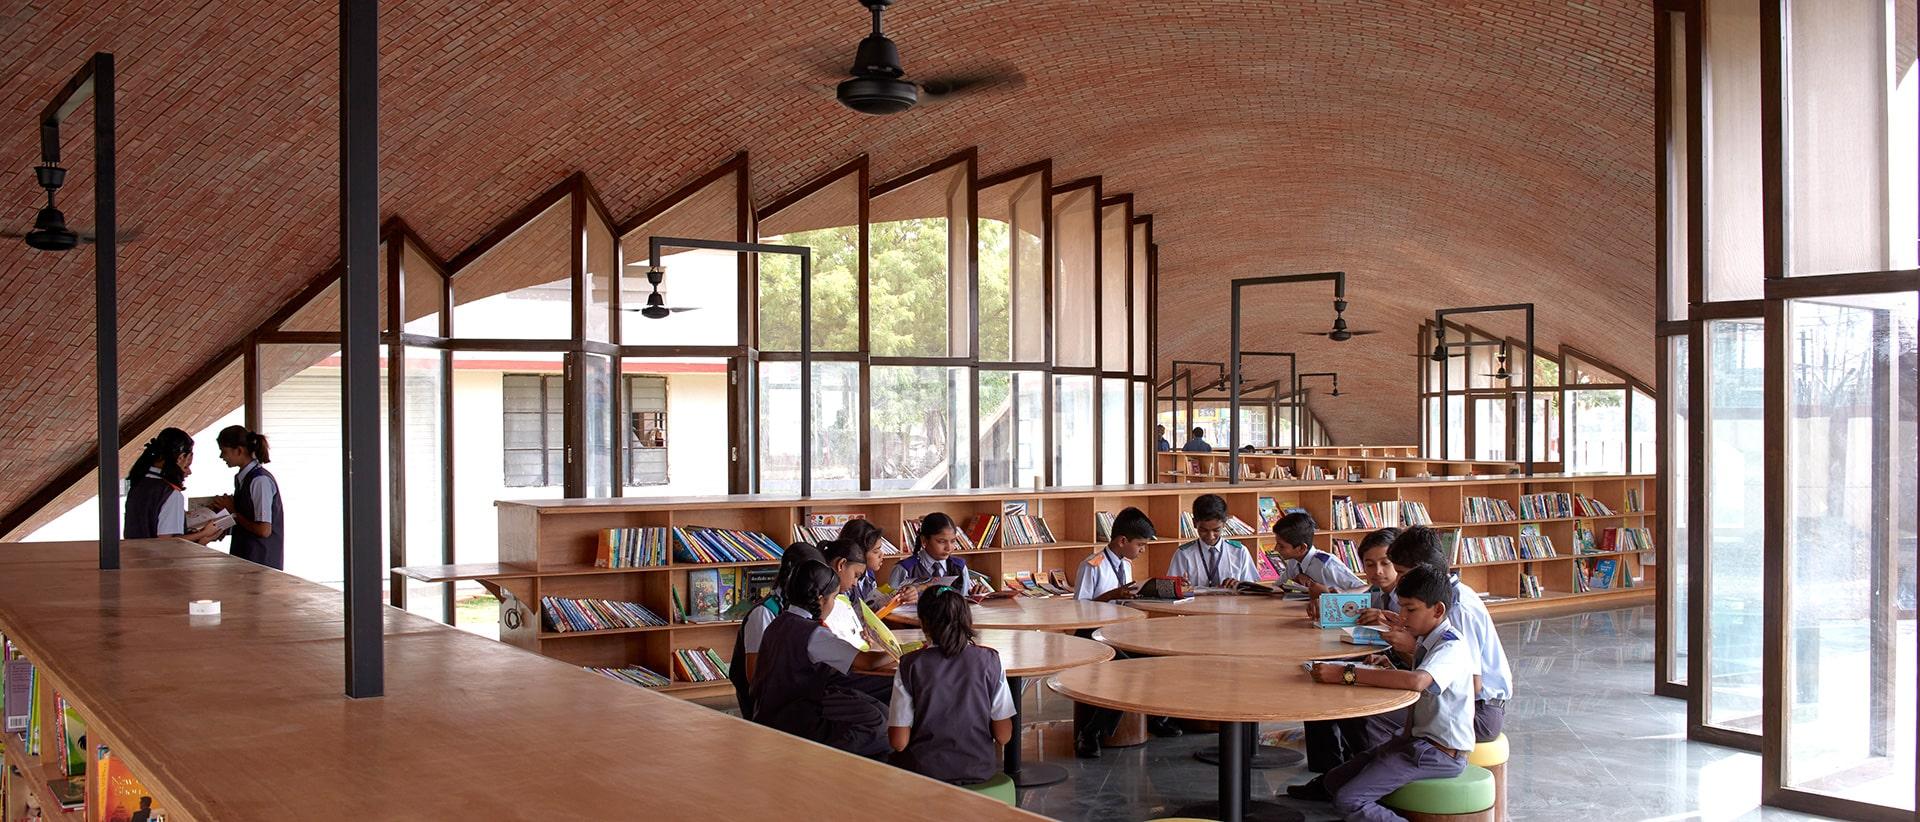 2 زیباترین ساختمان آموزشی